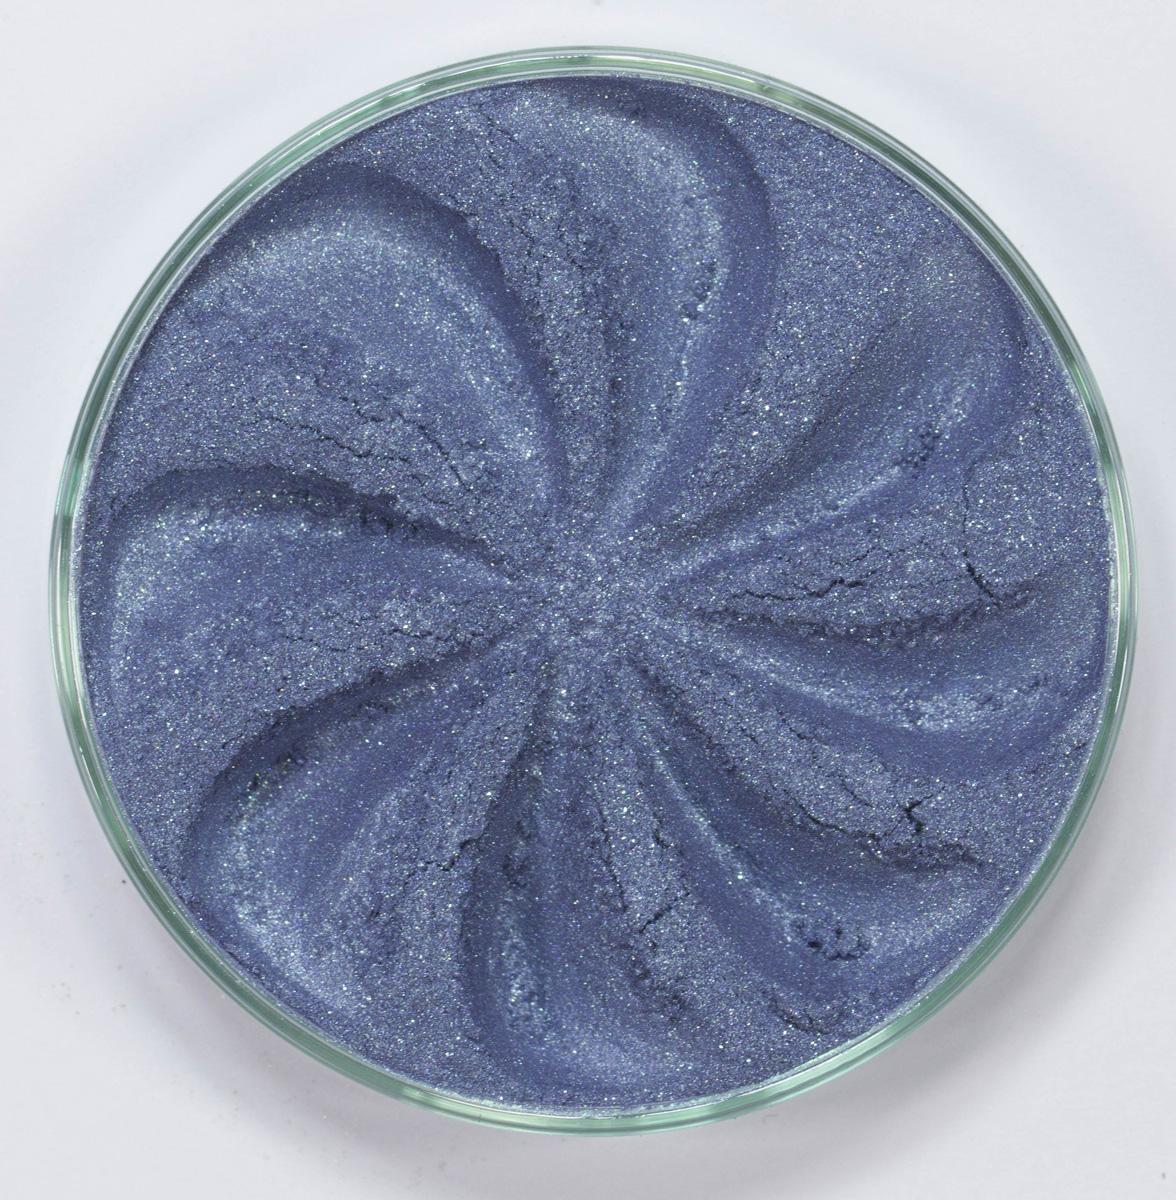 Era Minerals Минеральные Тени для век Frost тон F55 (мерцающая незабудка), 4 млEYF55Тени для век Frost в своем покрытии и исполнении варьируются от мерцающих и морозных до ослепляющих словно блеск снежного кристалла. Яркие, уникальные и многоуровневые оттенки этой формулы с неотразимым эффектом прерывистого света подчеркнут красоту любых глаз. Сильные и яркие минеральные пигменты Можно наносить как влажным, так и сухим способом Без отдушек и содержания масел, для всех типов кожи Дерматологически протестировано, не аллергенно Не тестировано на животных Вес нетто 1г (стандартный размер)